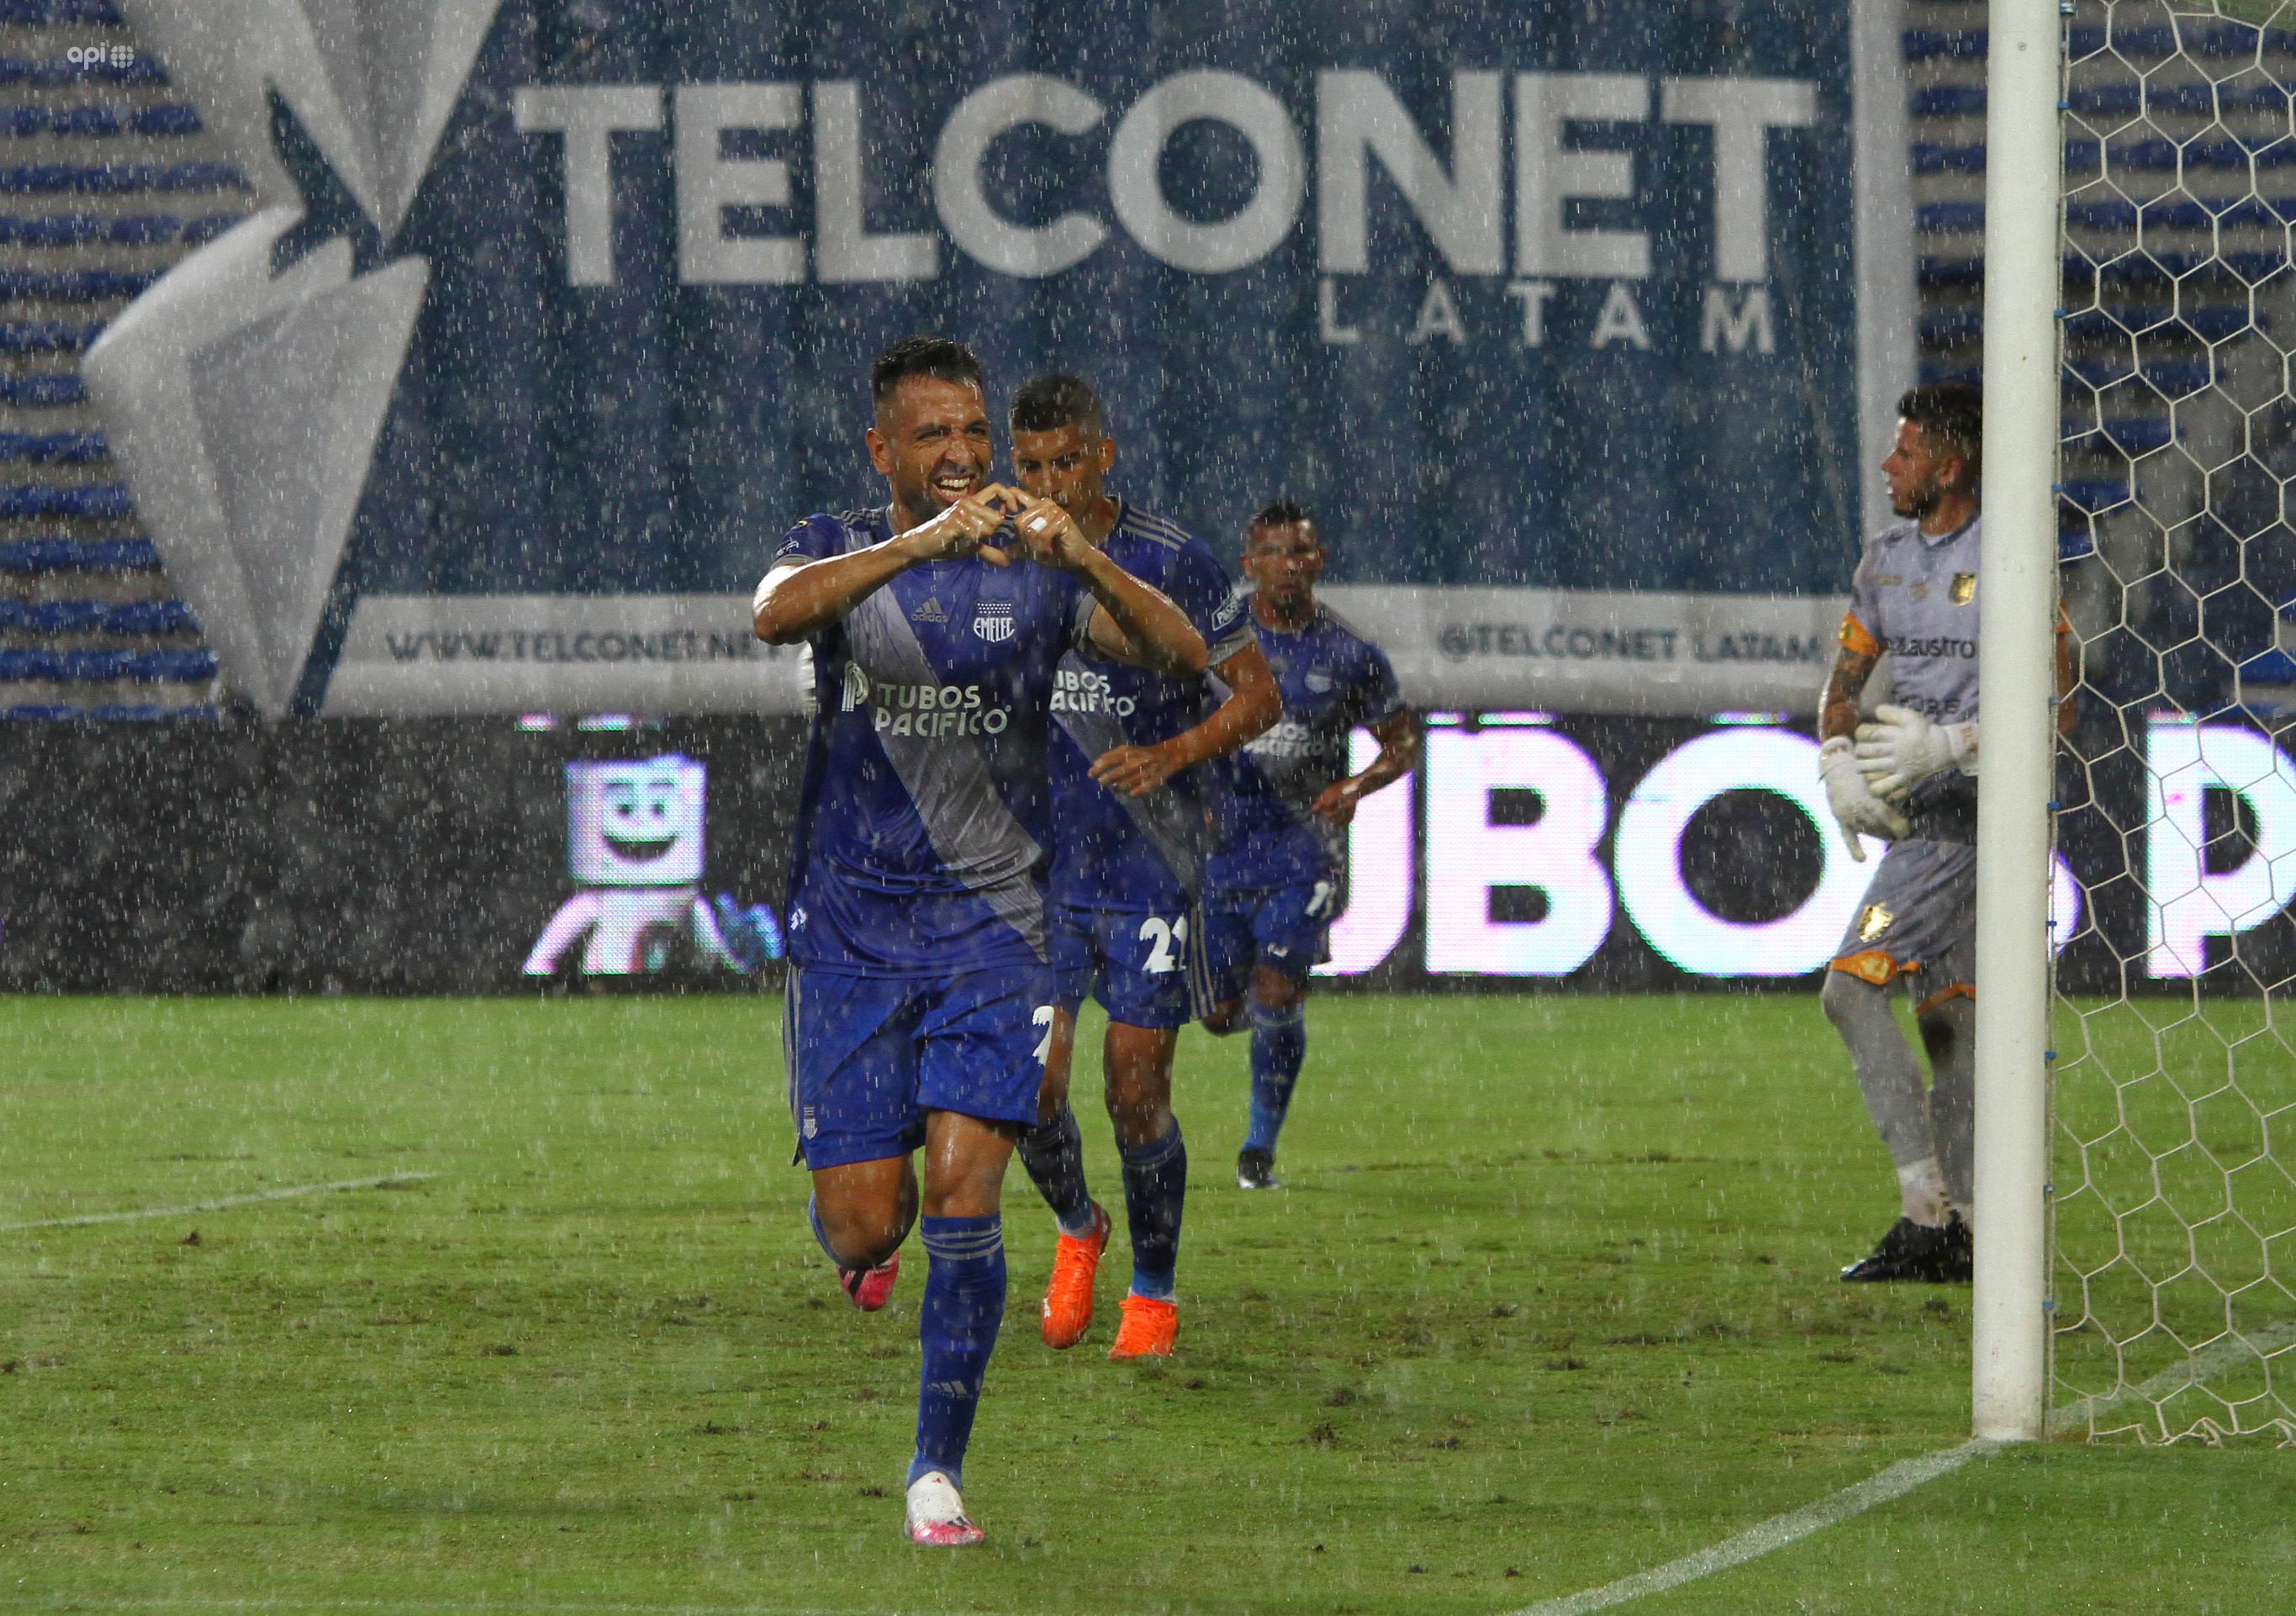 Aníbal Leguizamón se refirió al debut de Emelec en la LigaPro 2021 y el objetivo de lograr los tres puntos ante Aucas